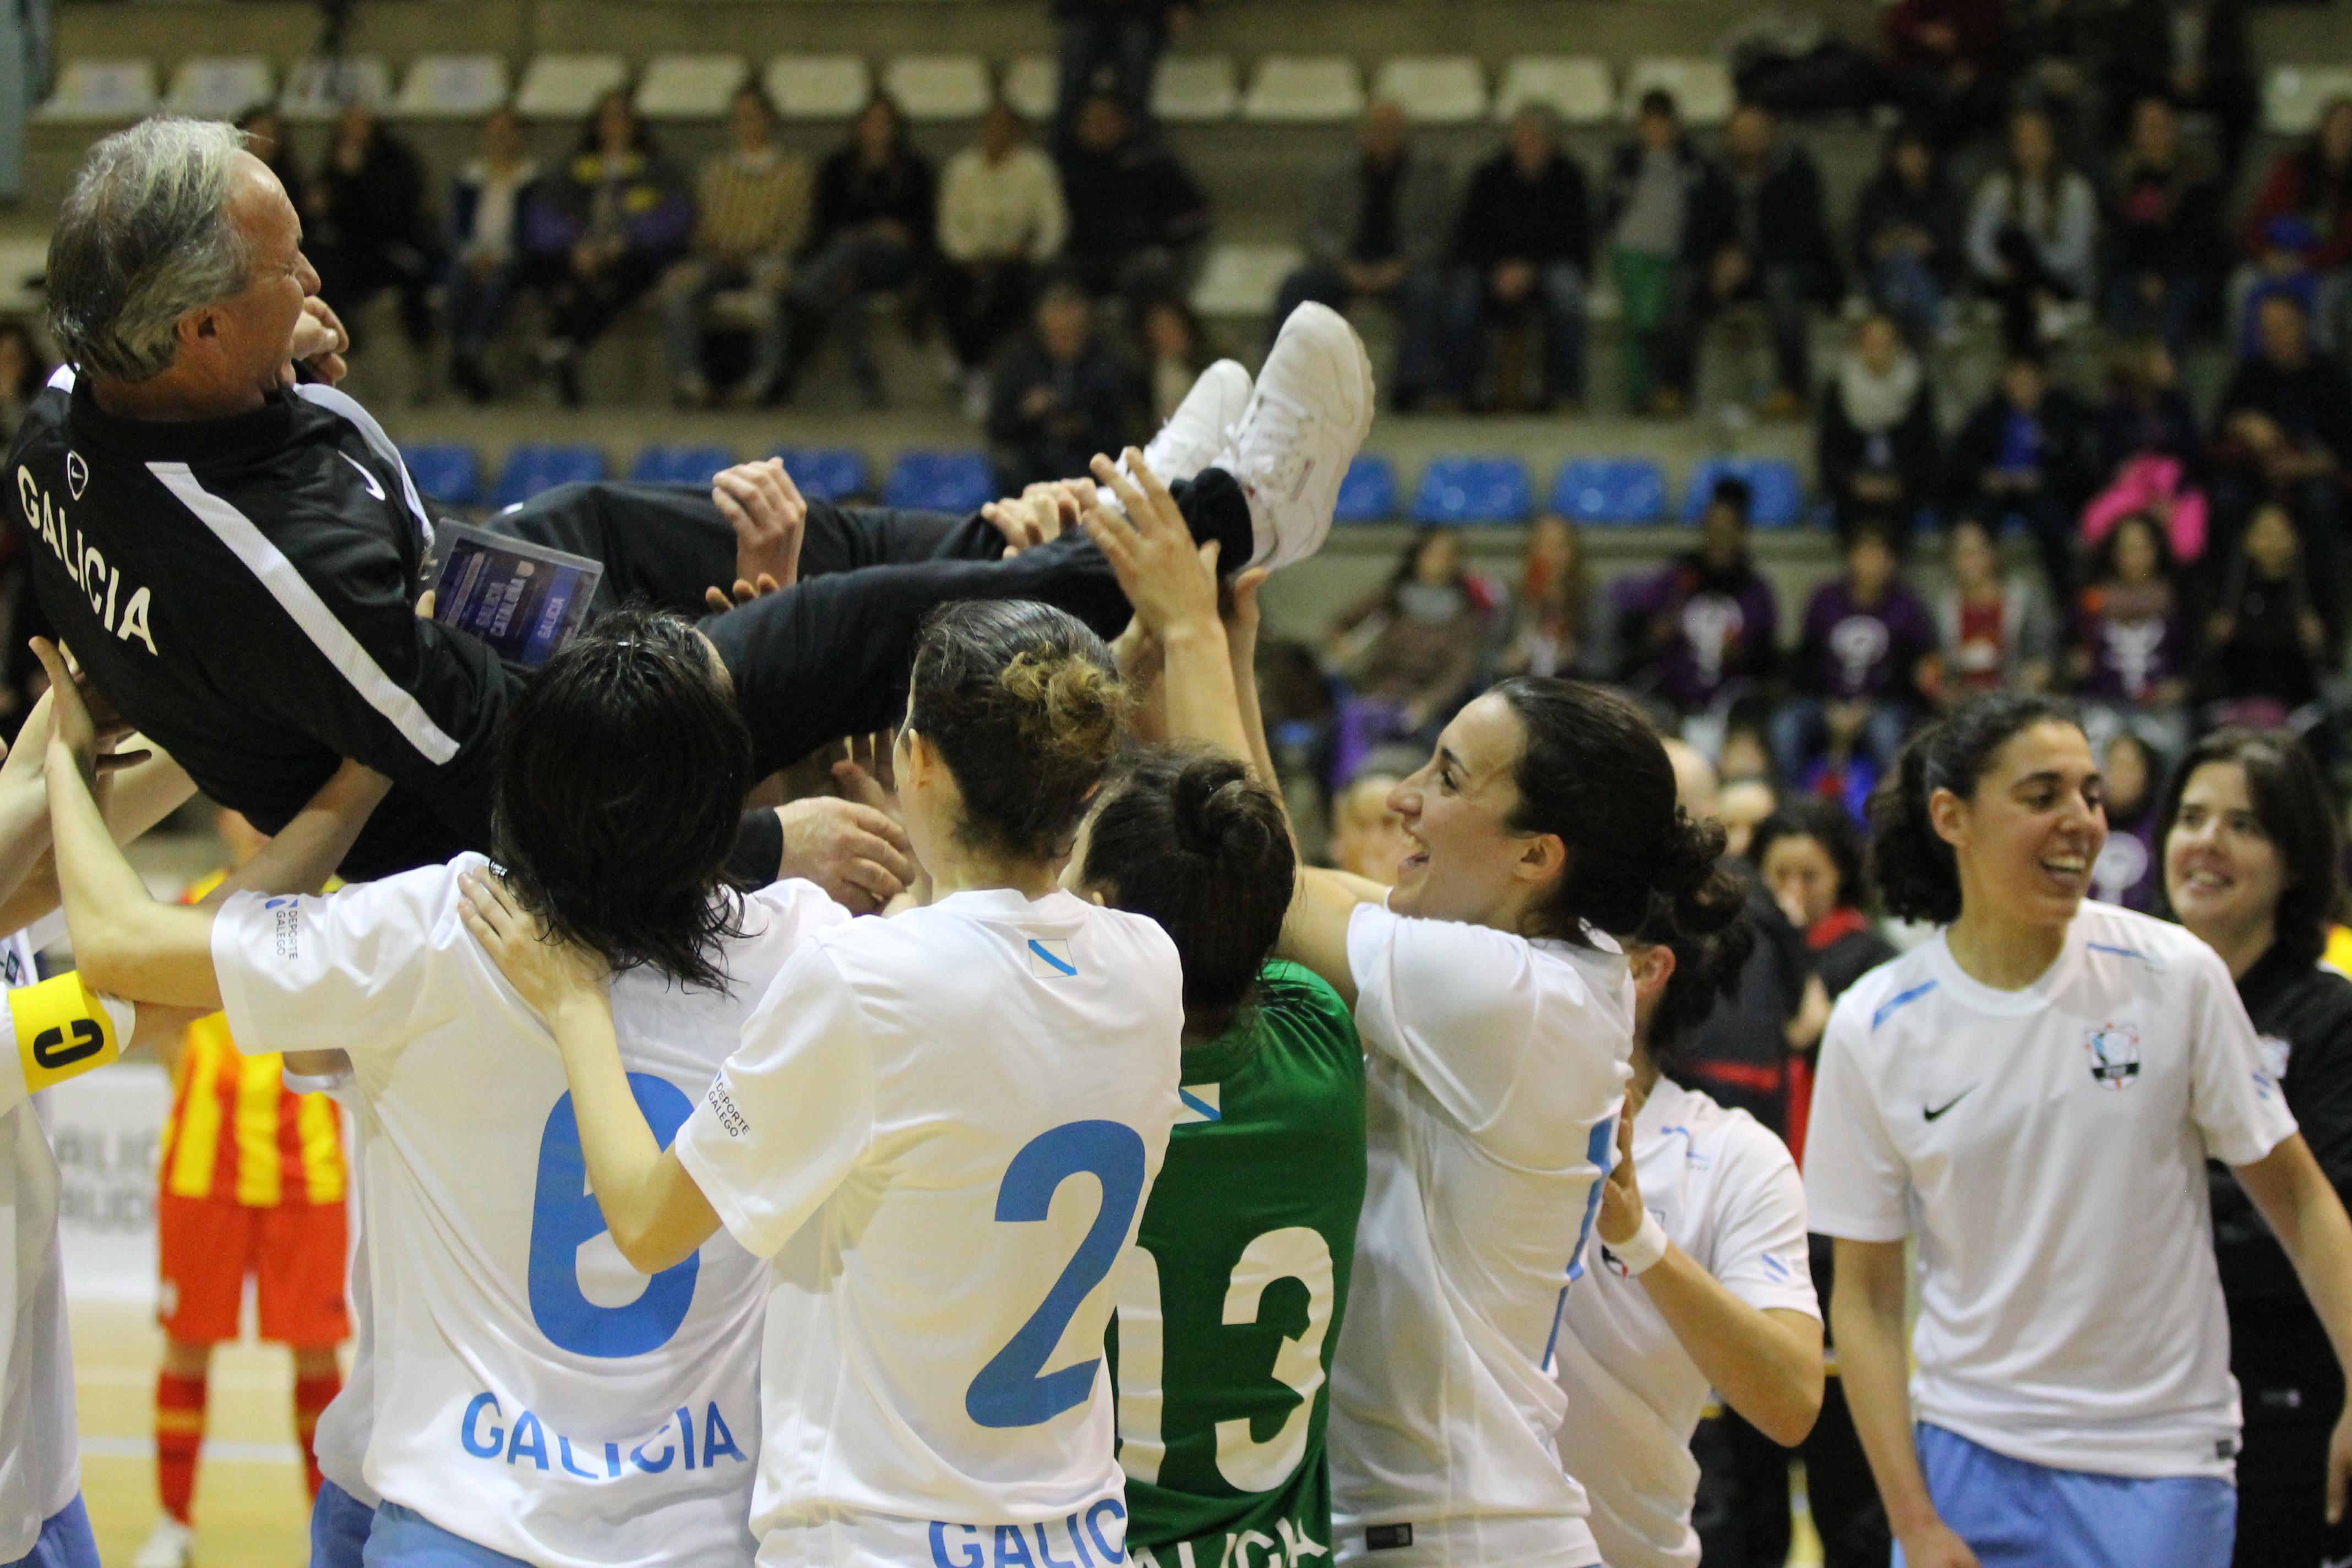 As xogadoras galegas manteando ó seleccionador Castillo tras a victoria | ©Álex Estévez